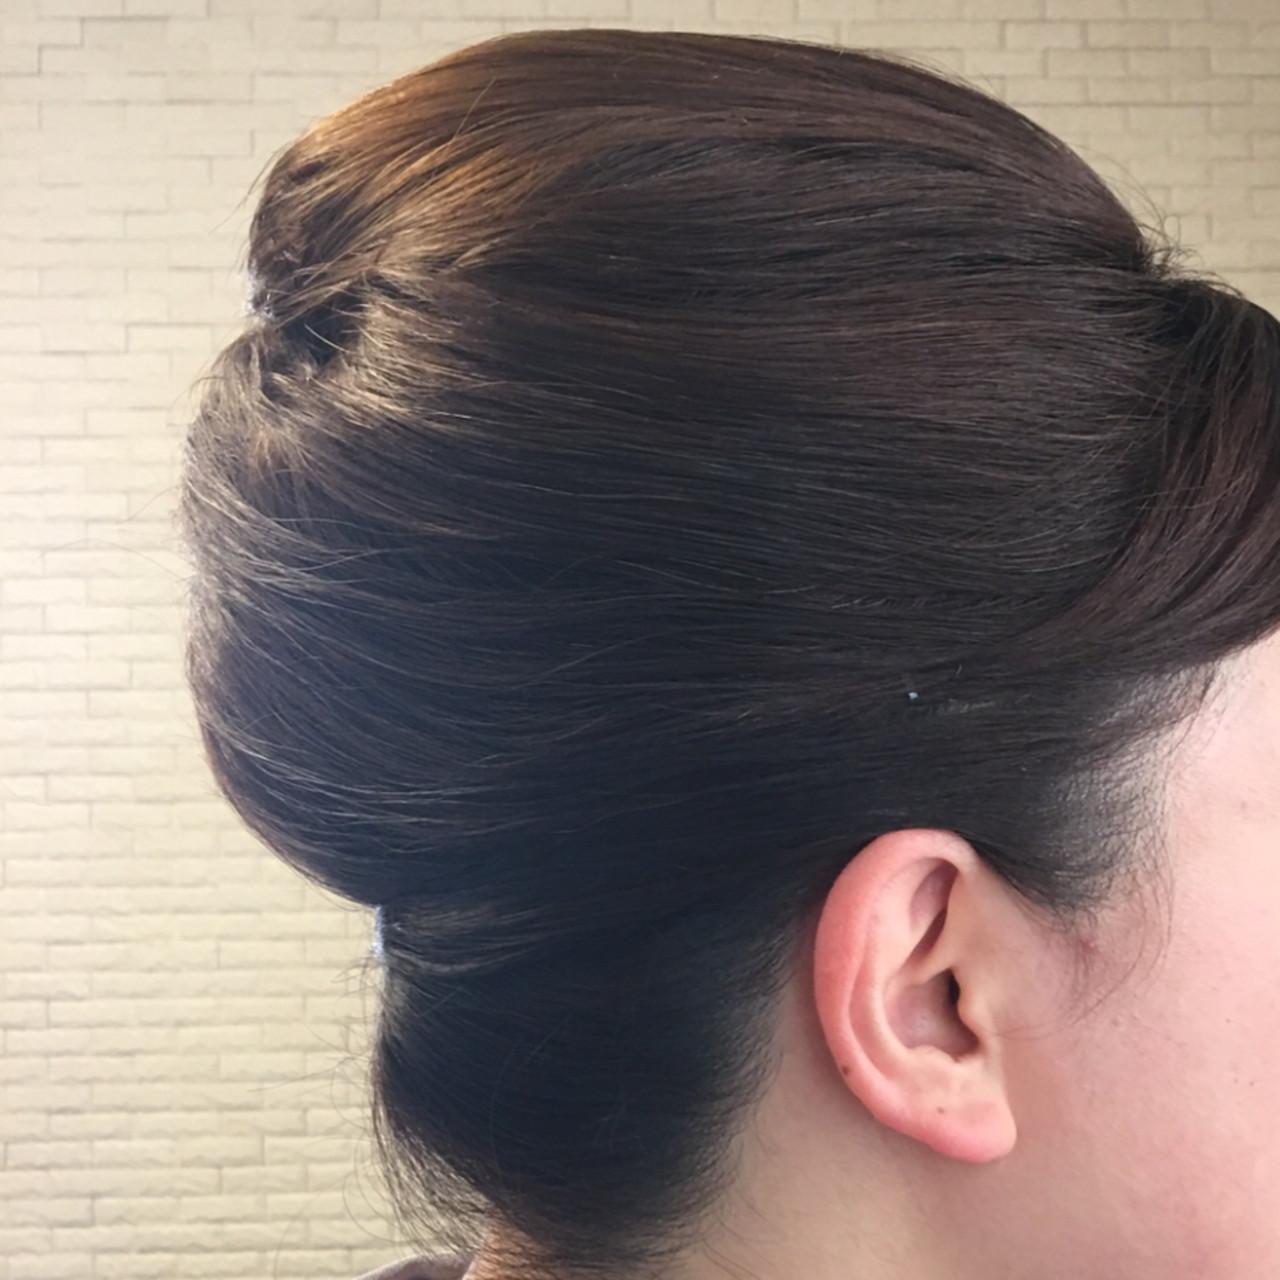 ミディアム エレガント 和装髪型 卒業式 ヘアスタイルや髪型の写真・画像